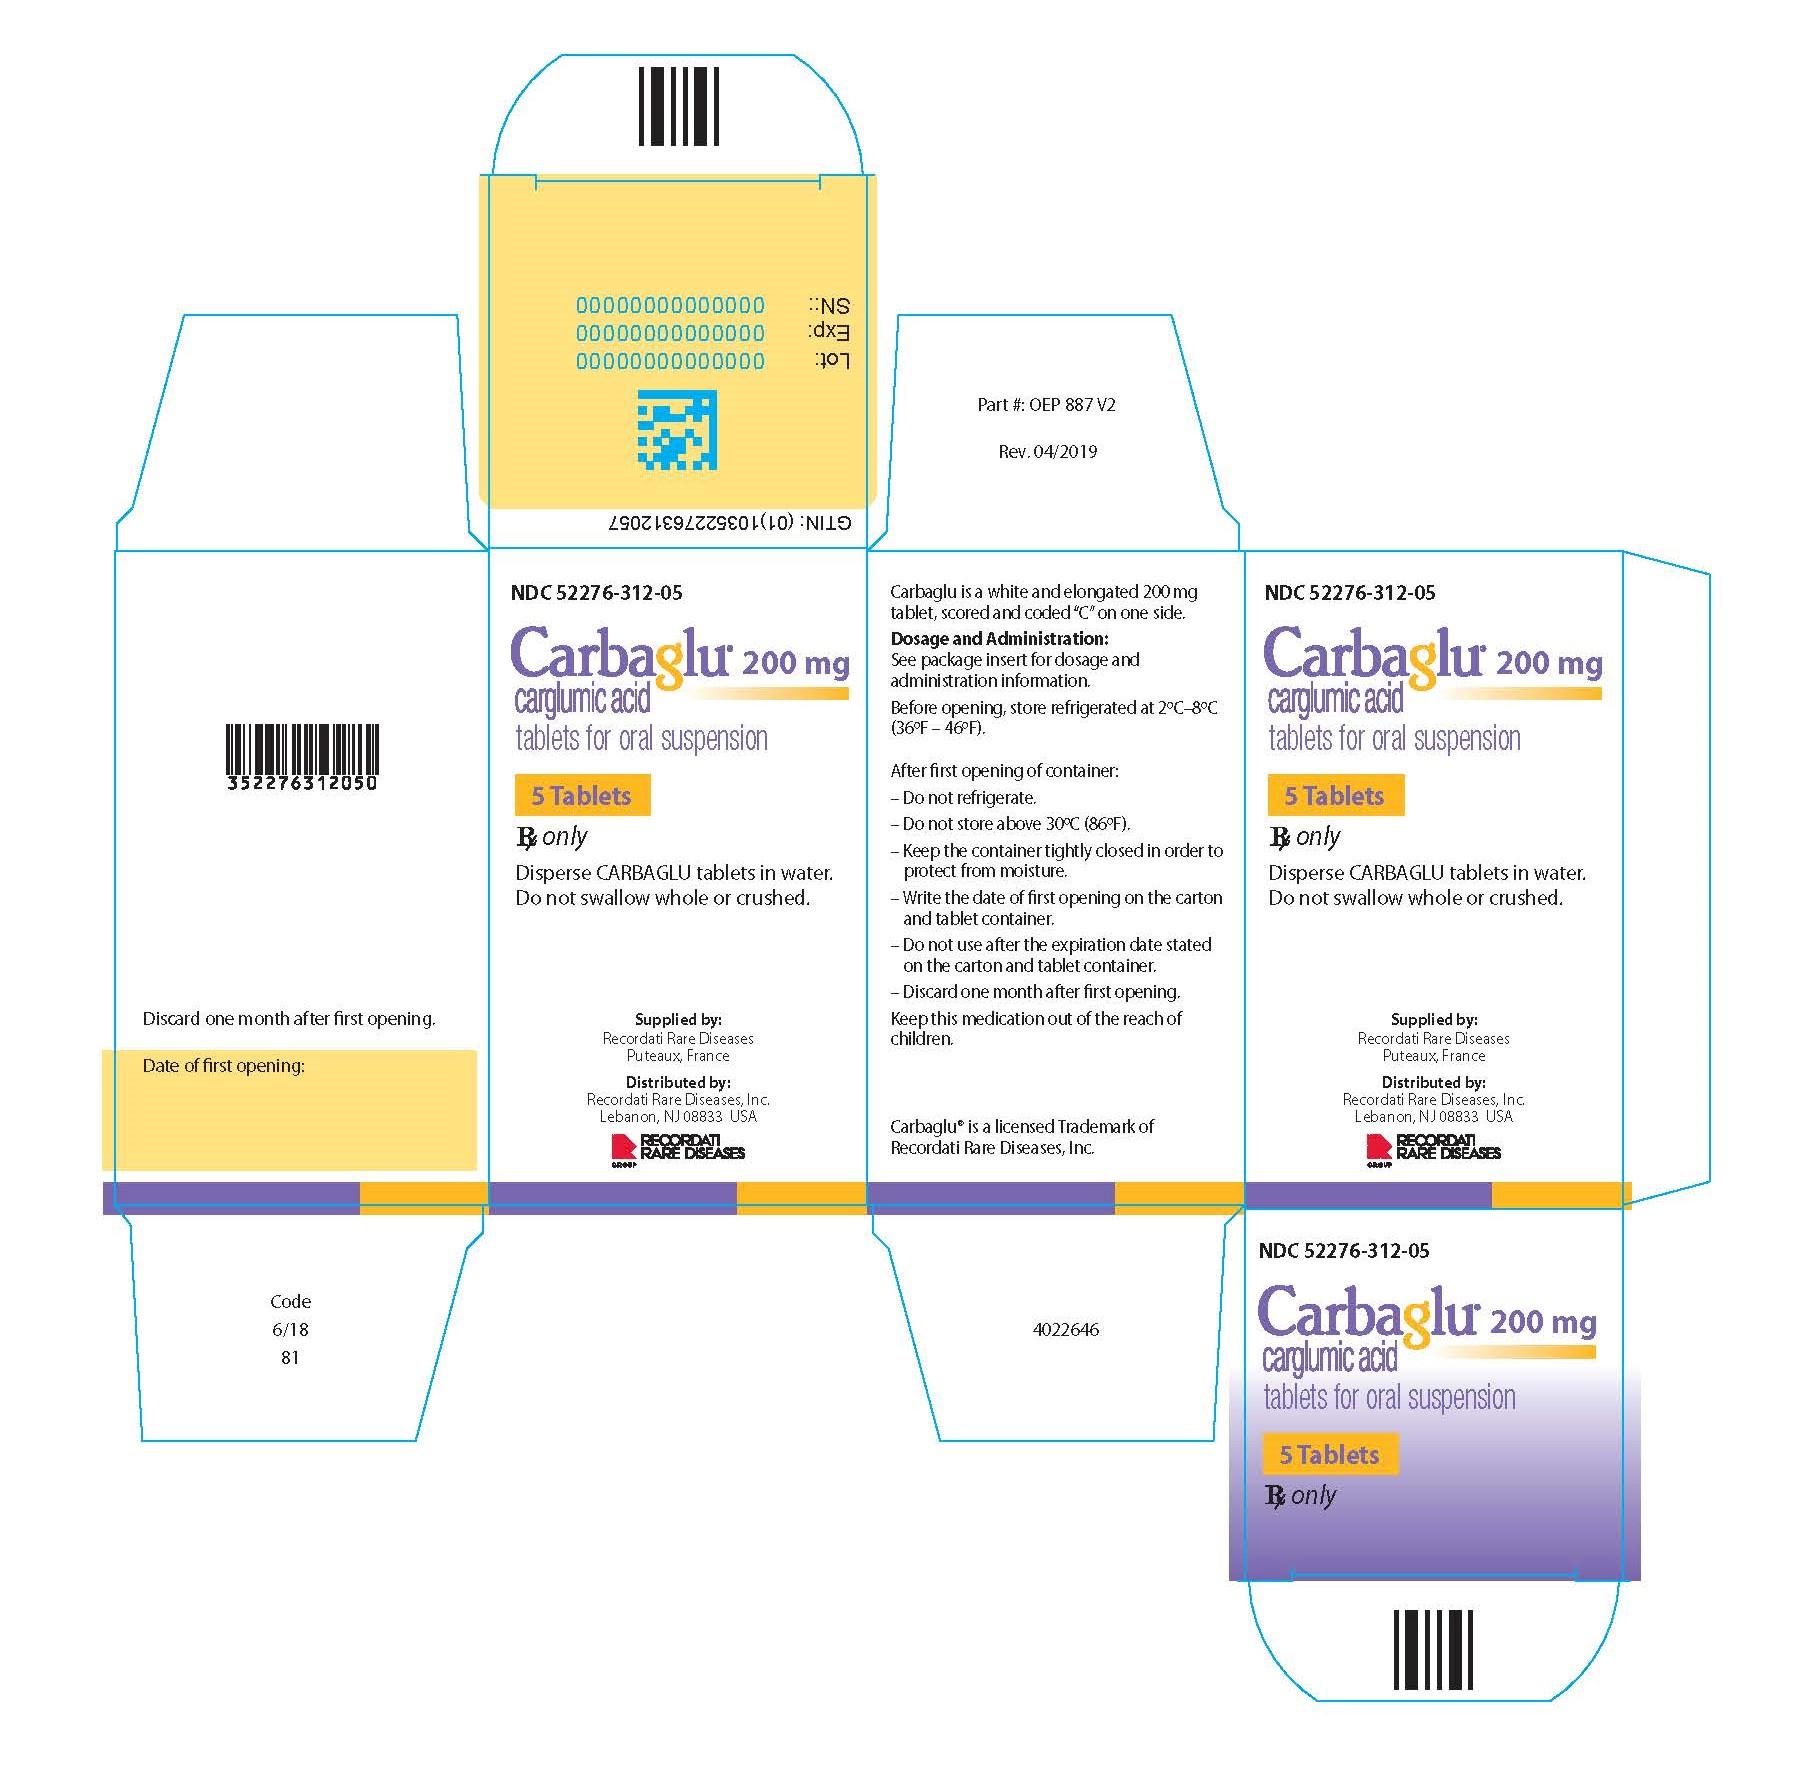 Carbaglu carton label - 5 Tablets